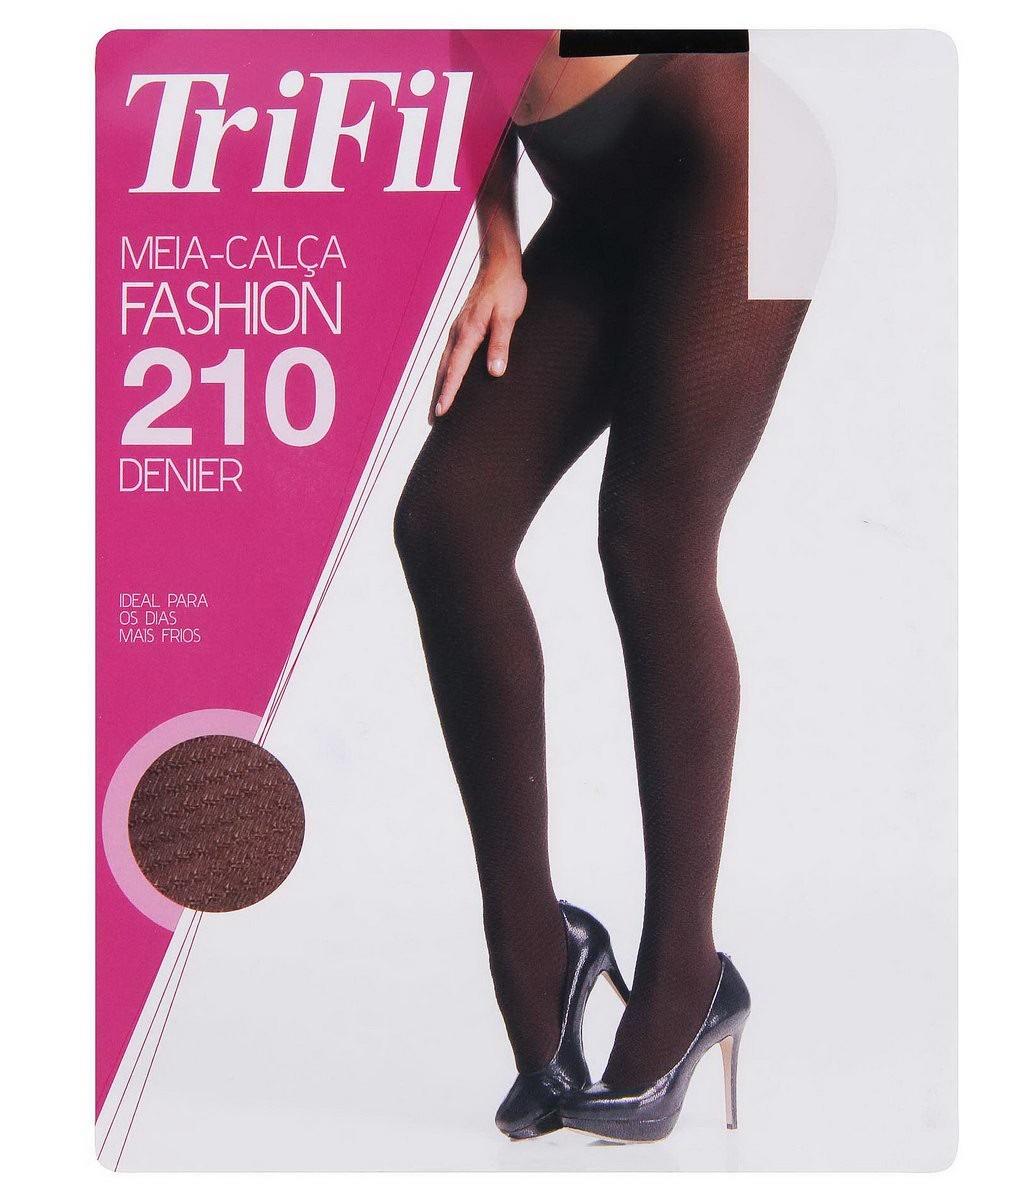 a798ac08b meia-calça trifil fashion 210 marrom cafe - g. Carregando zoom.